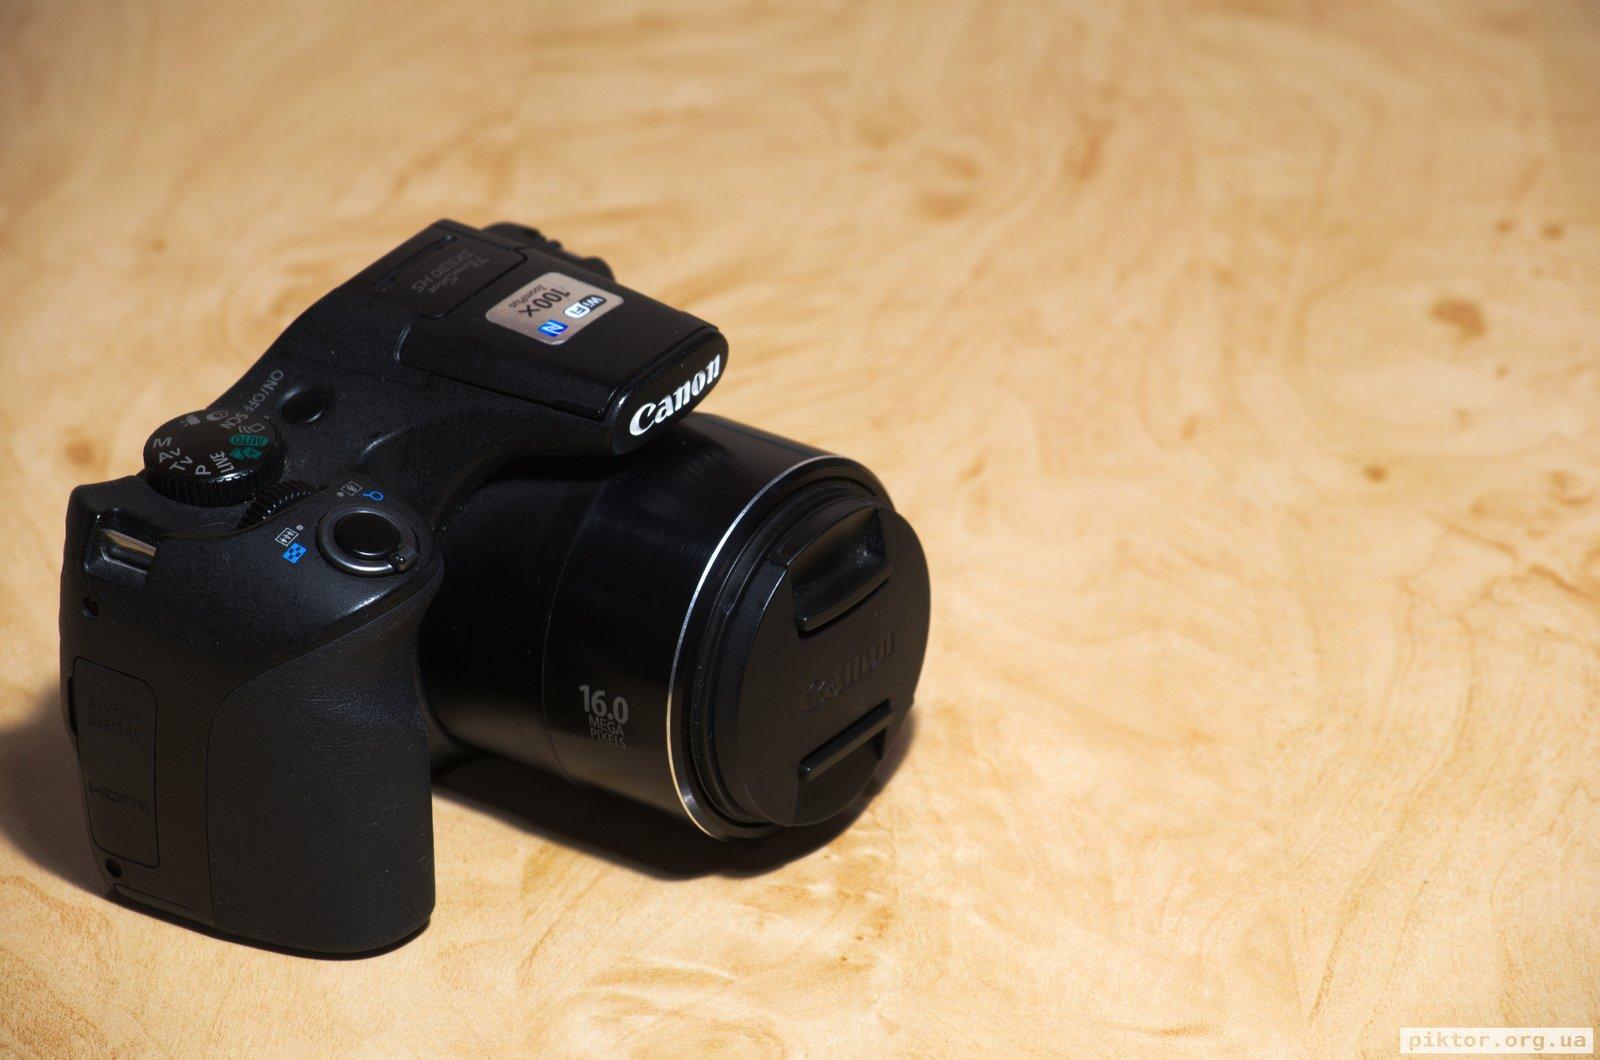 Canon Powershot Sx530 Hs Front